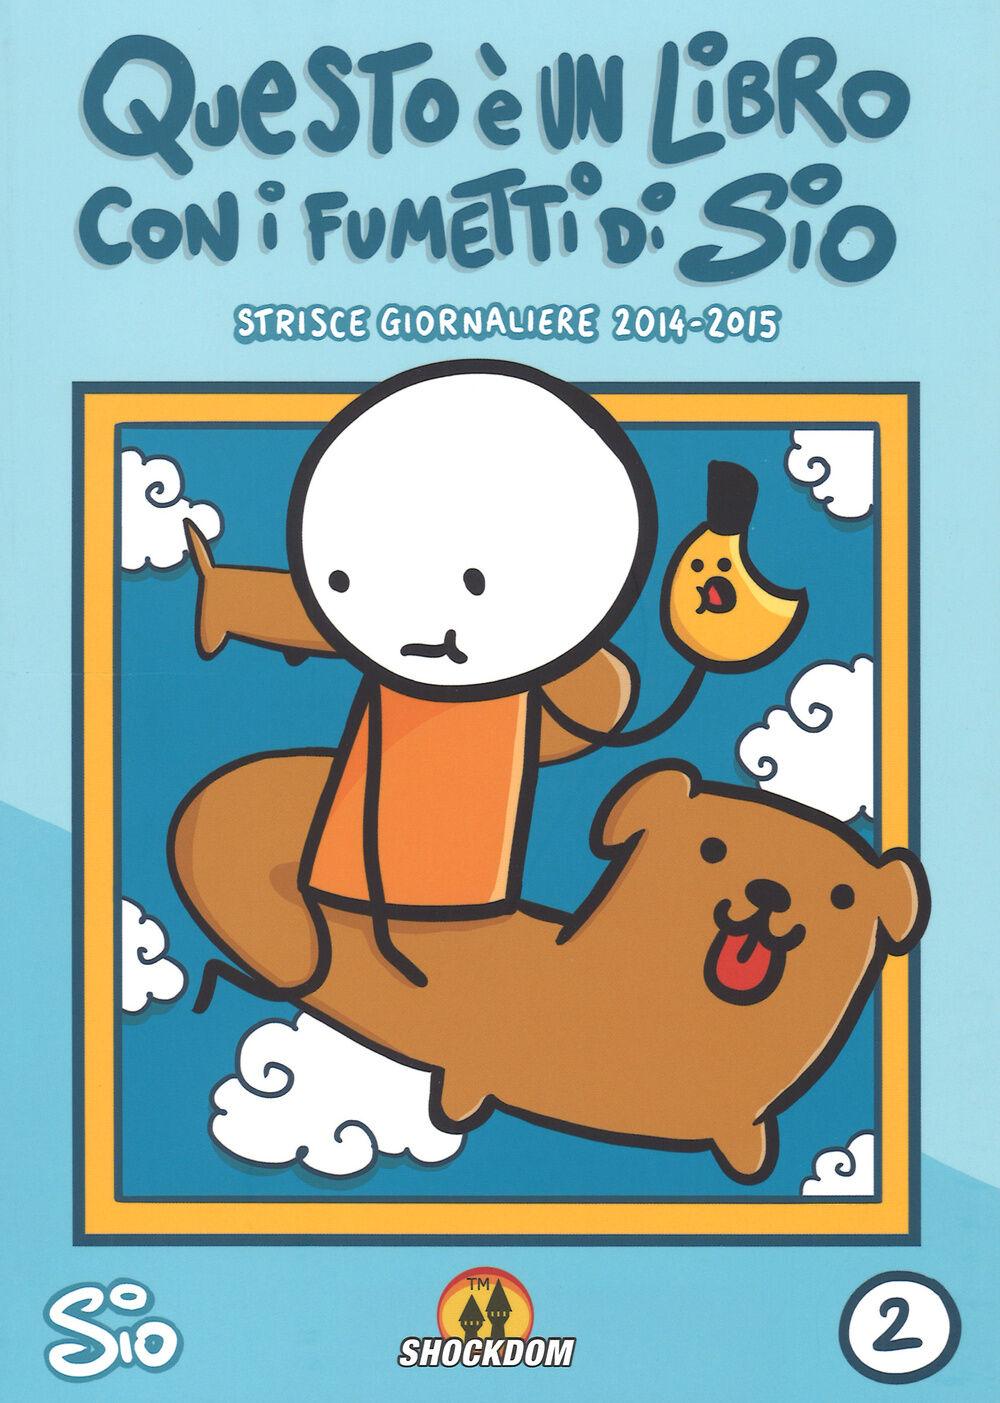 Questo è un libro con i fumetti di Sio. Strisce giornaliere (2014-2015). Vol. 2